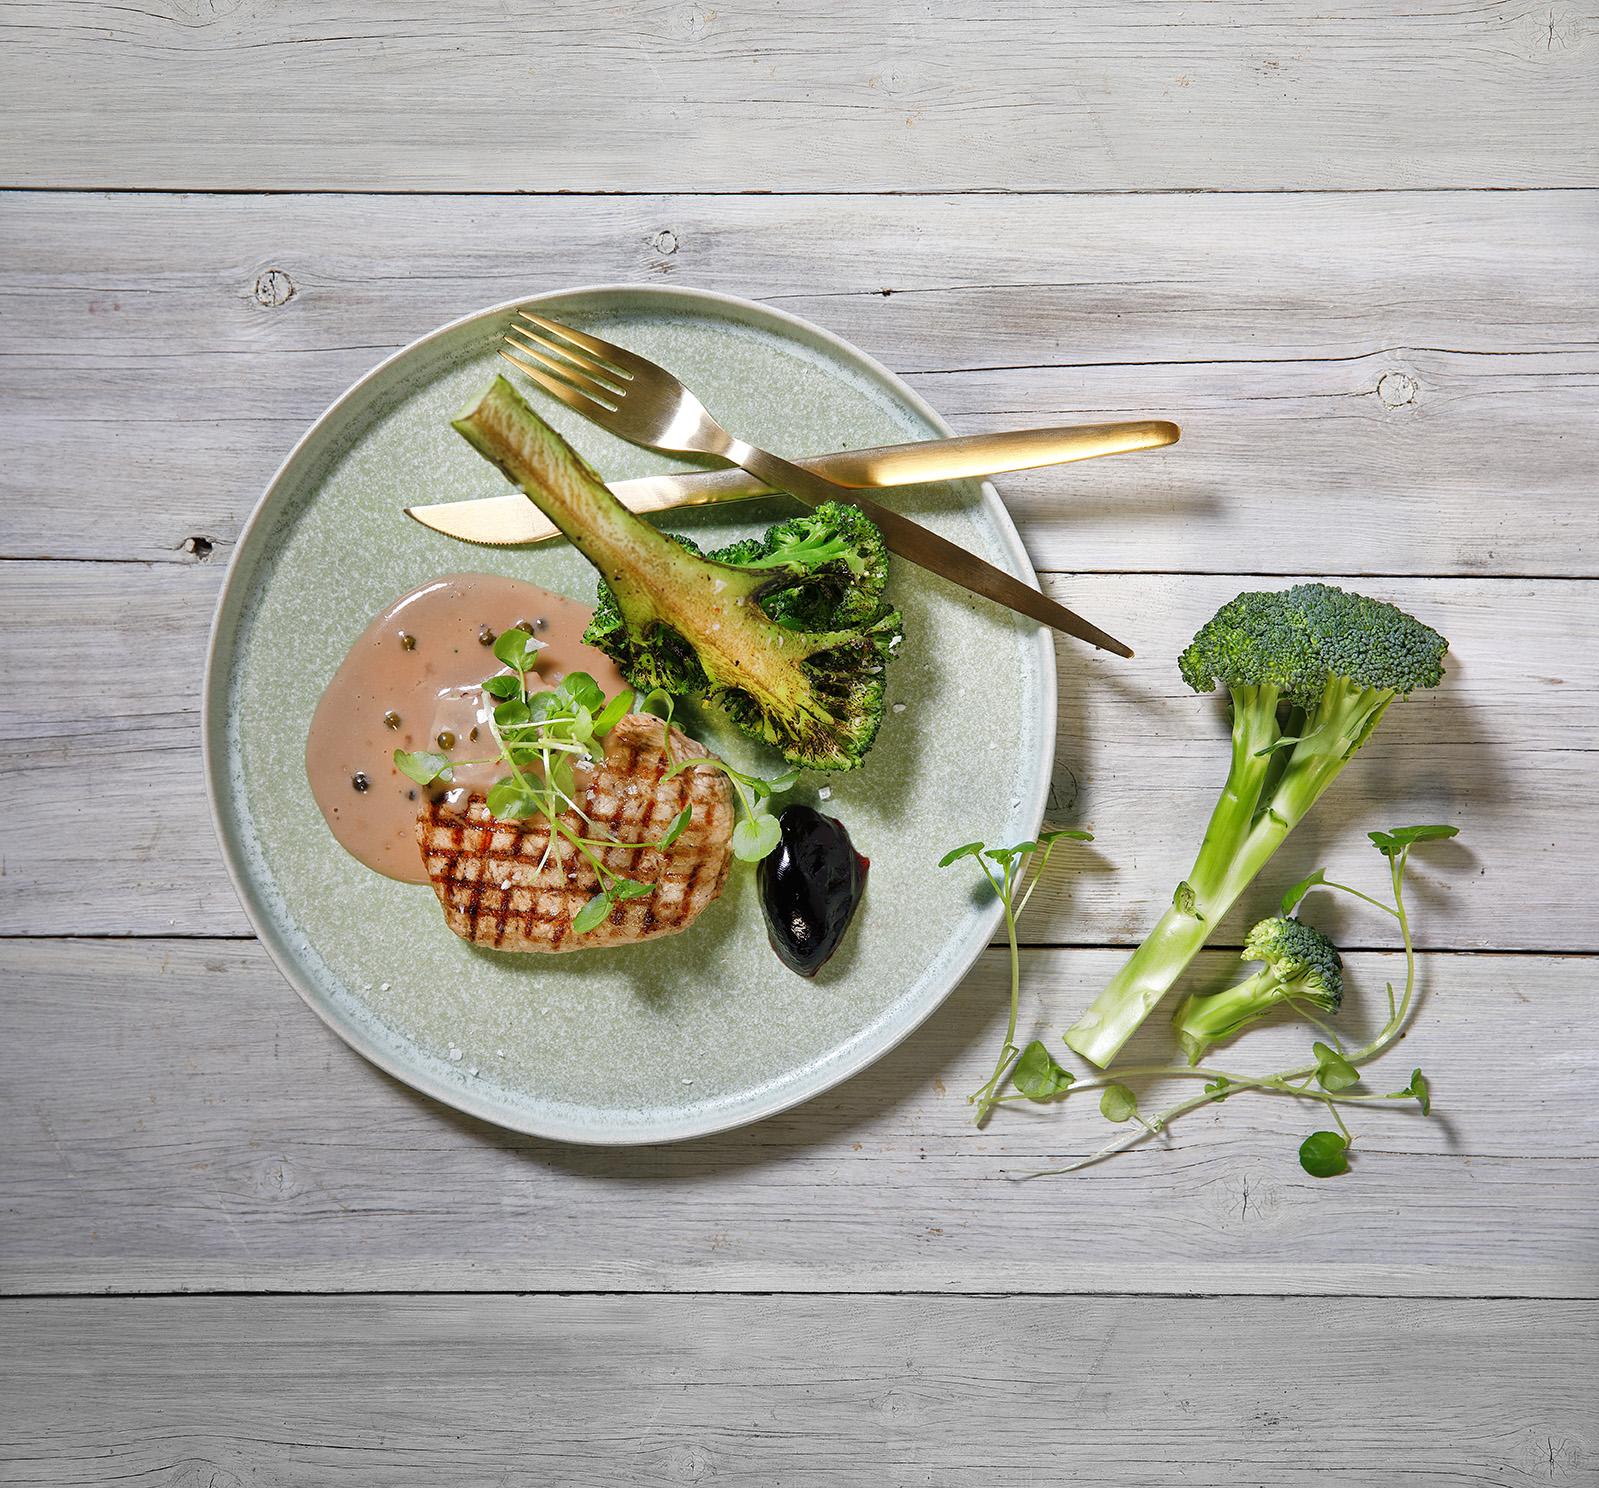 En tallrik med grillat kött, brocolli och en pepprig sås